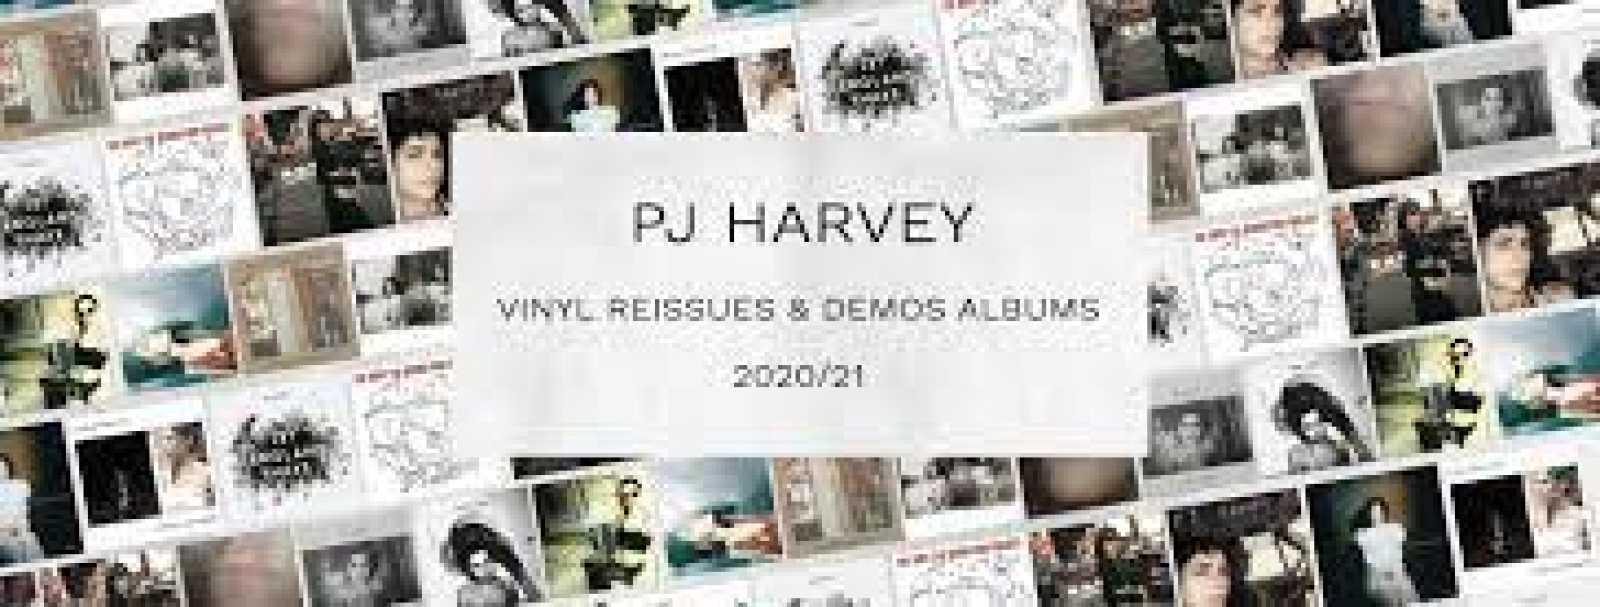 """Disco grande - PJ Harvey en el """"otro"""" Glastonbury y Sleater-Kinney autosuficientes - 13/05/21 - escuchar ahora"""